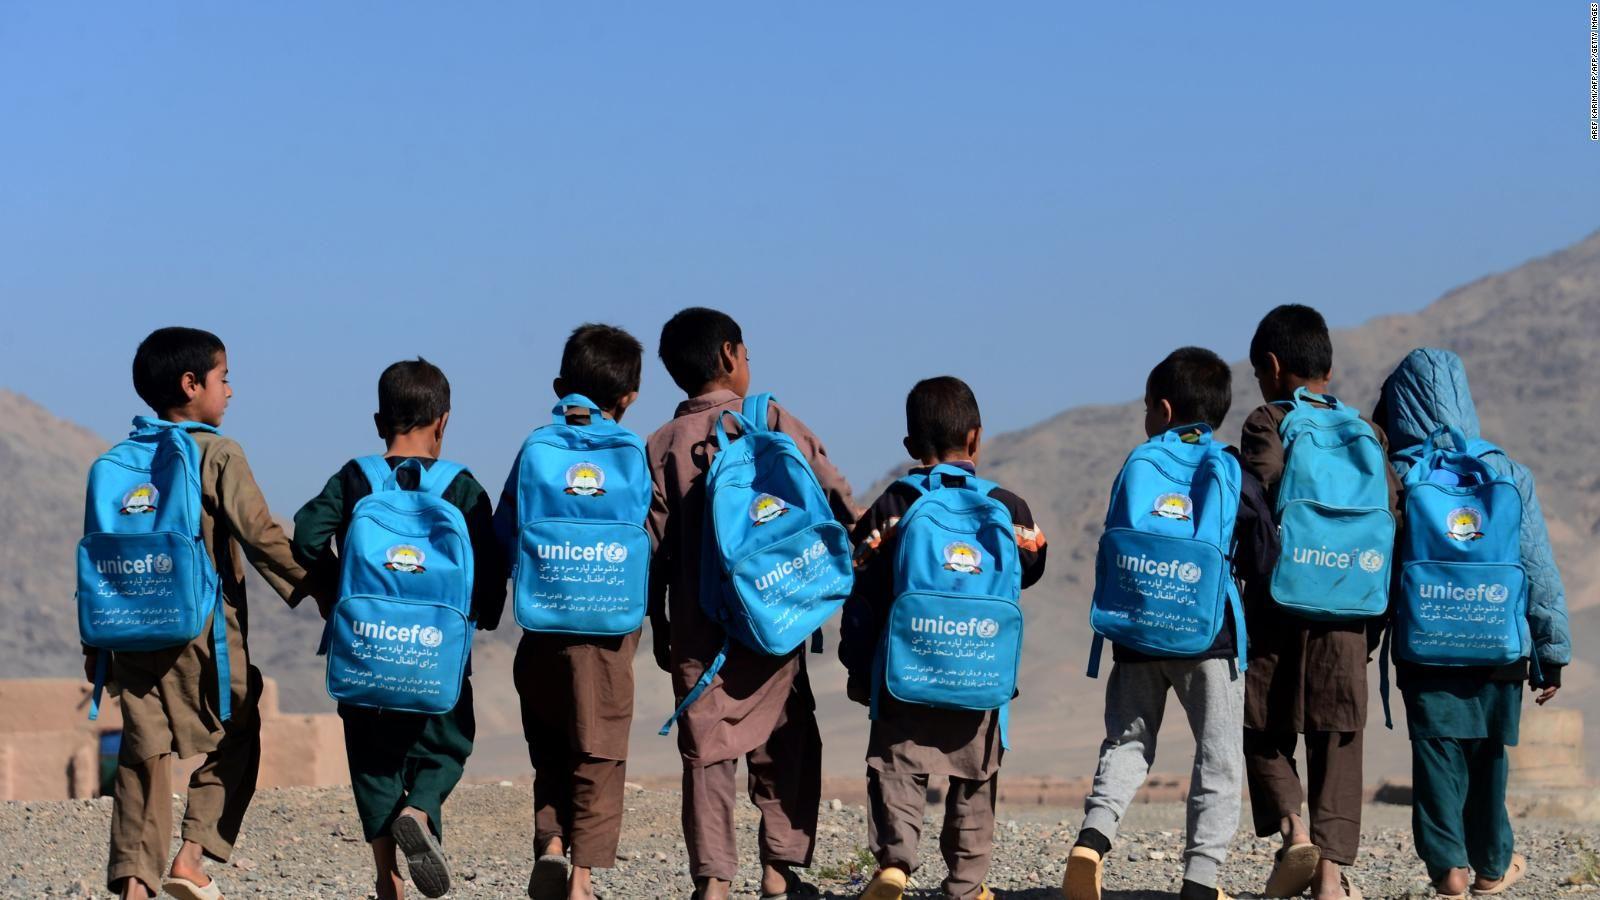 <p><strong>UNICEF: &ldquo;Los ni&ntilde;os no pueden permitirse otro a&ntilde;o sin escuela&rdquo;</strong></p>